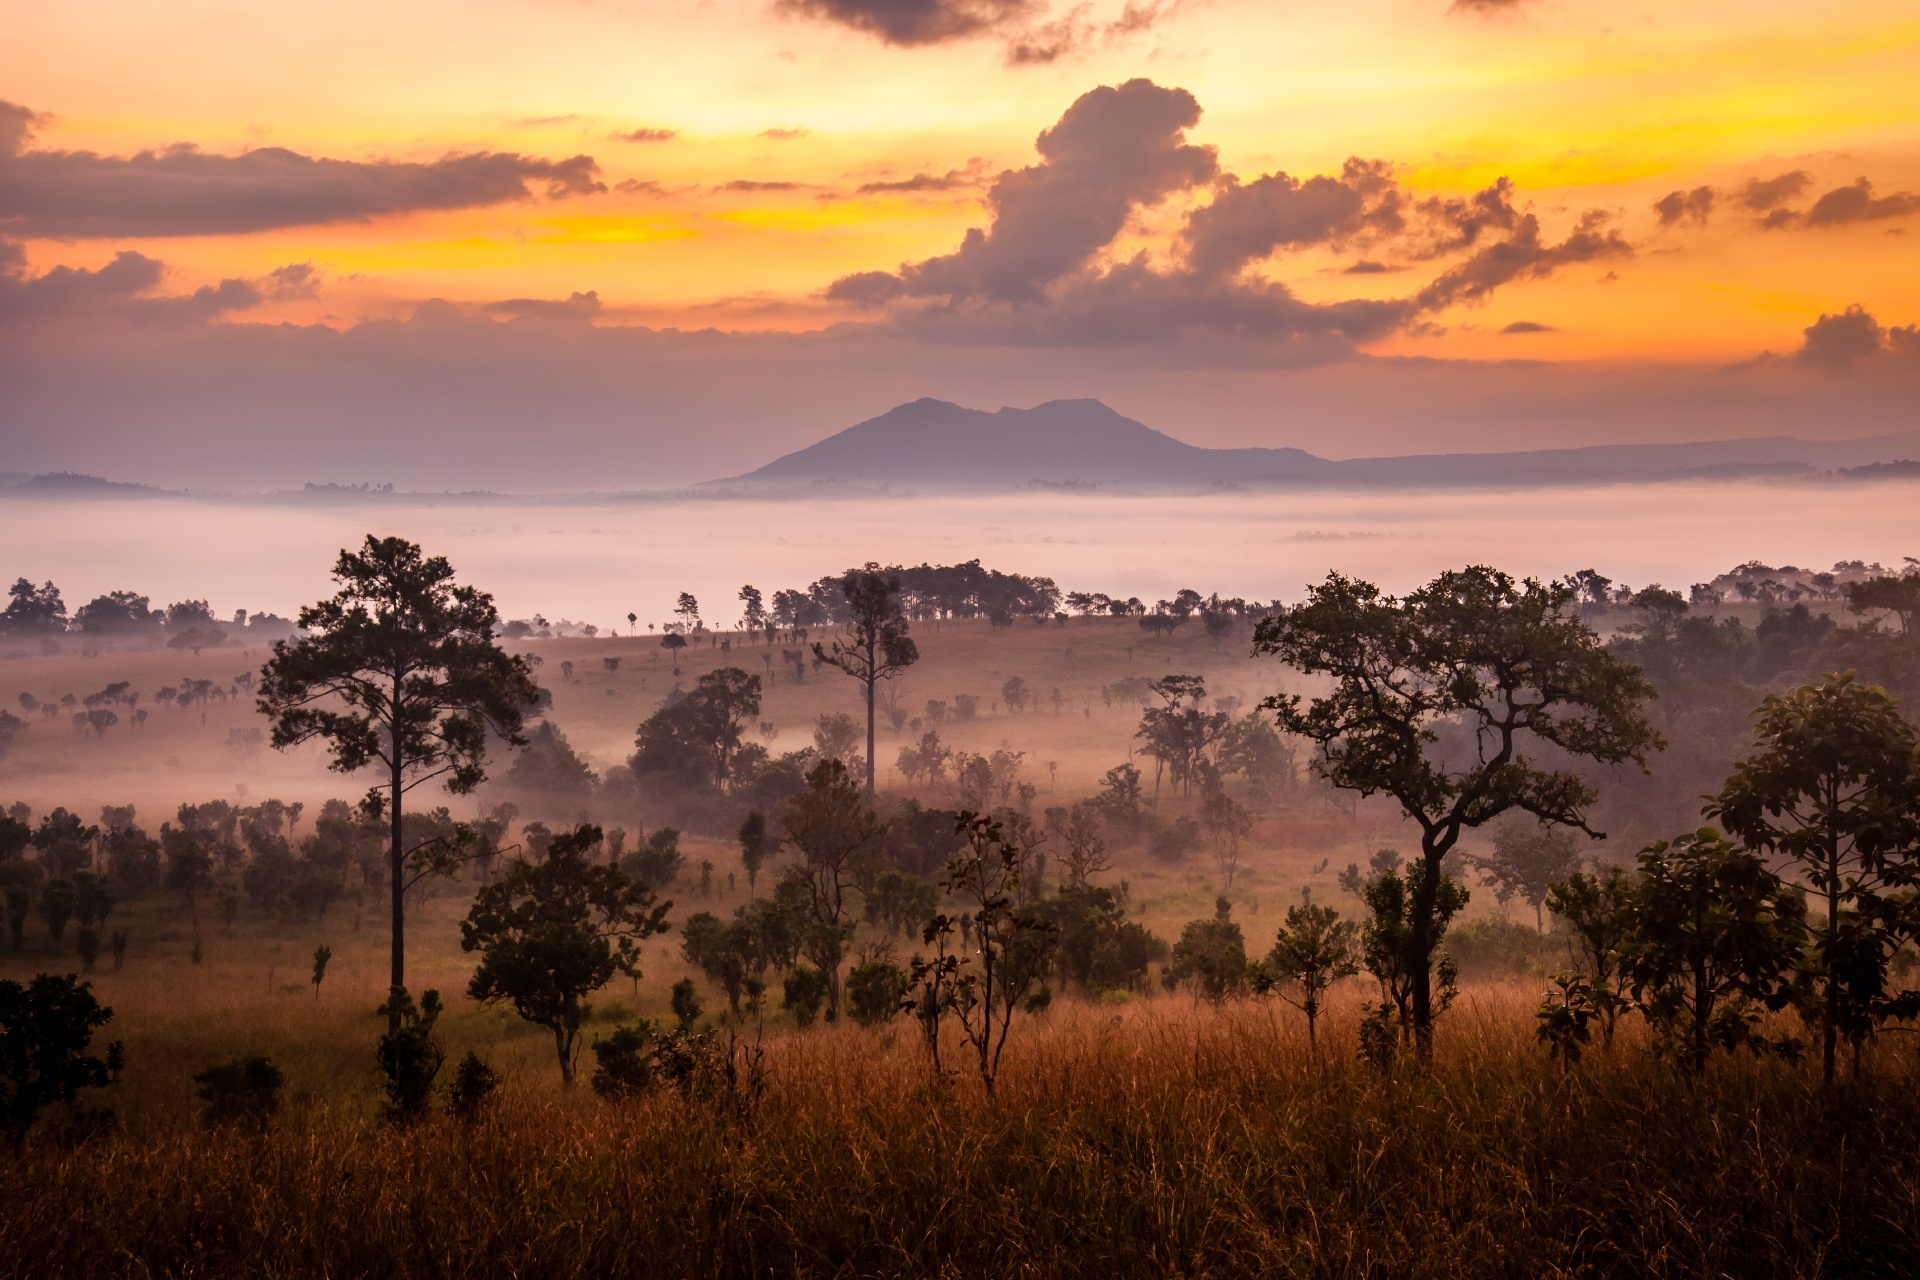 サバナの朝 ケニアの風景